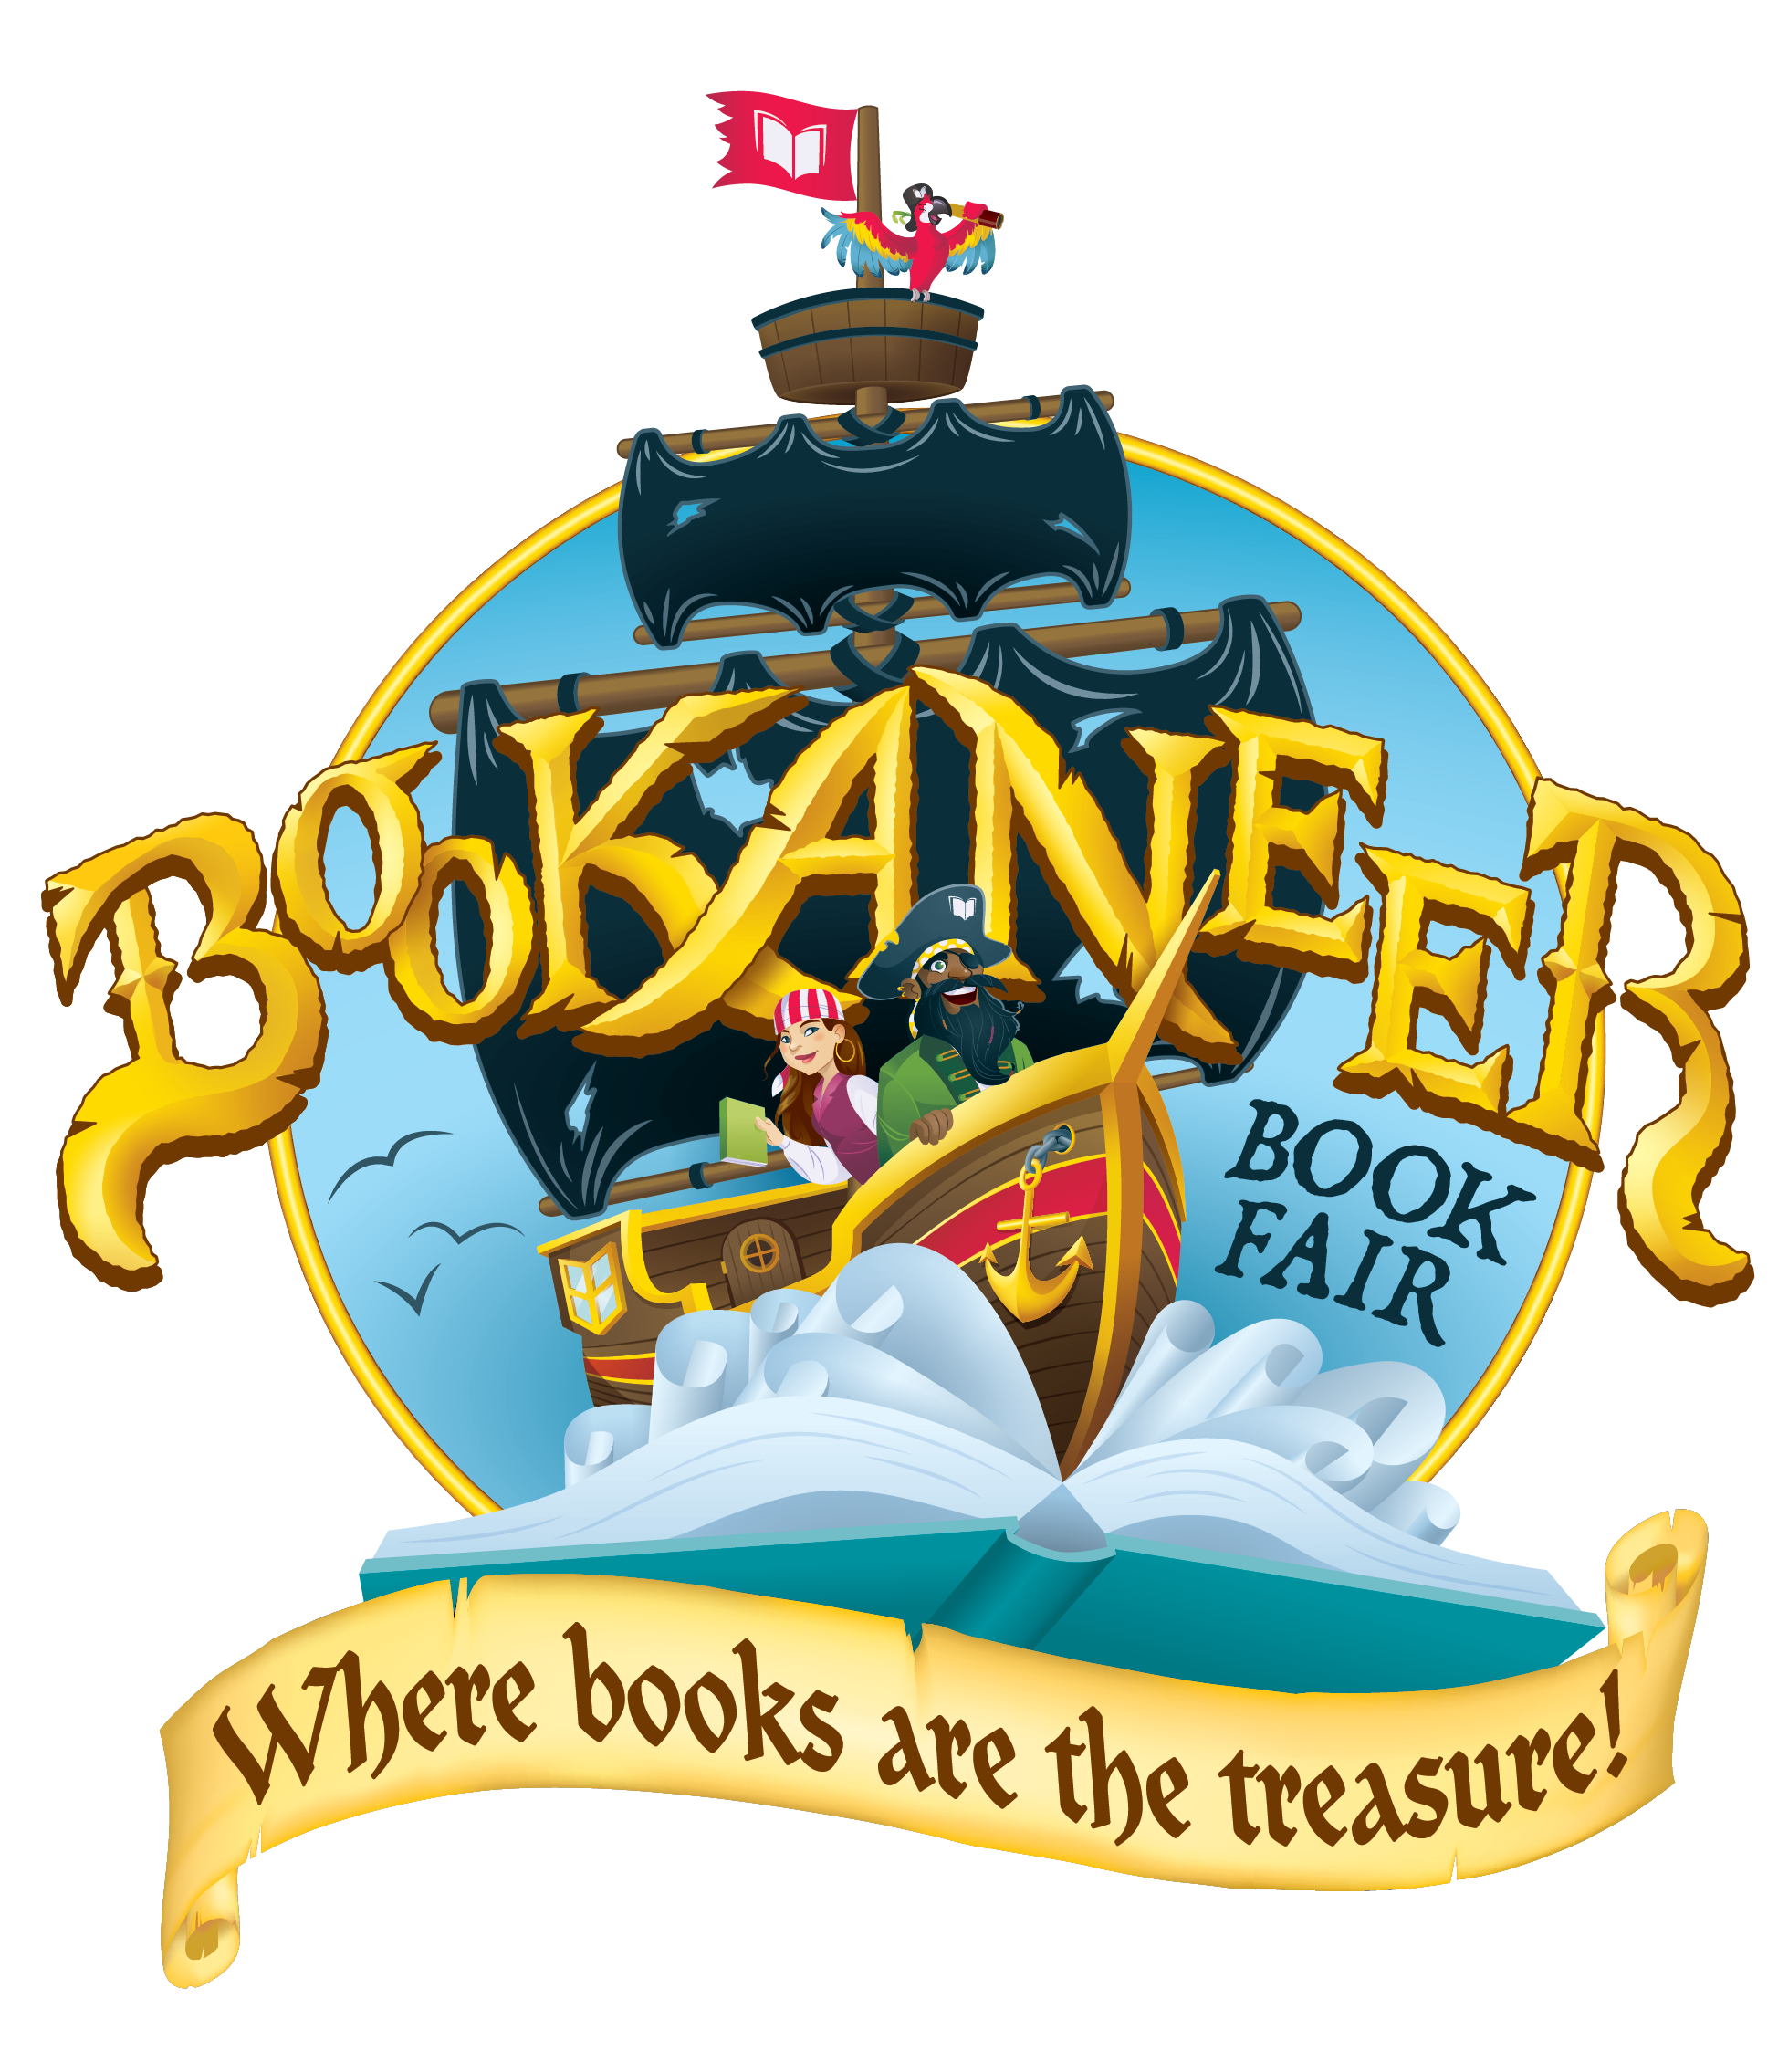 bookaneer-book-fair-logo